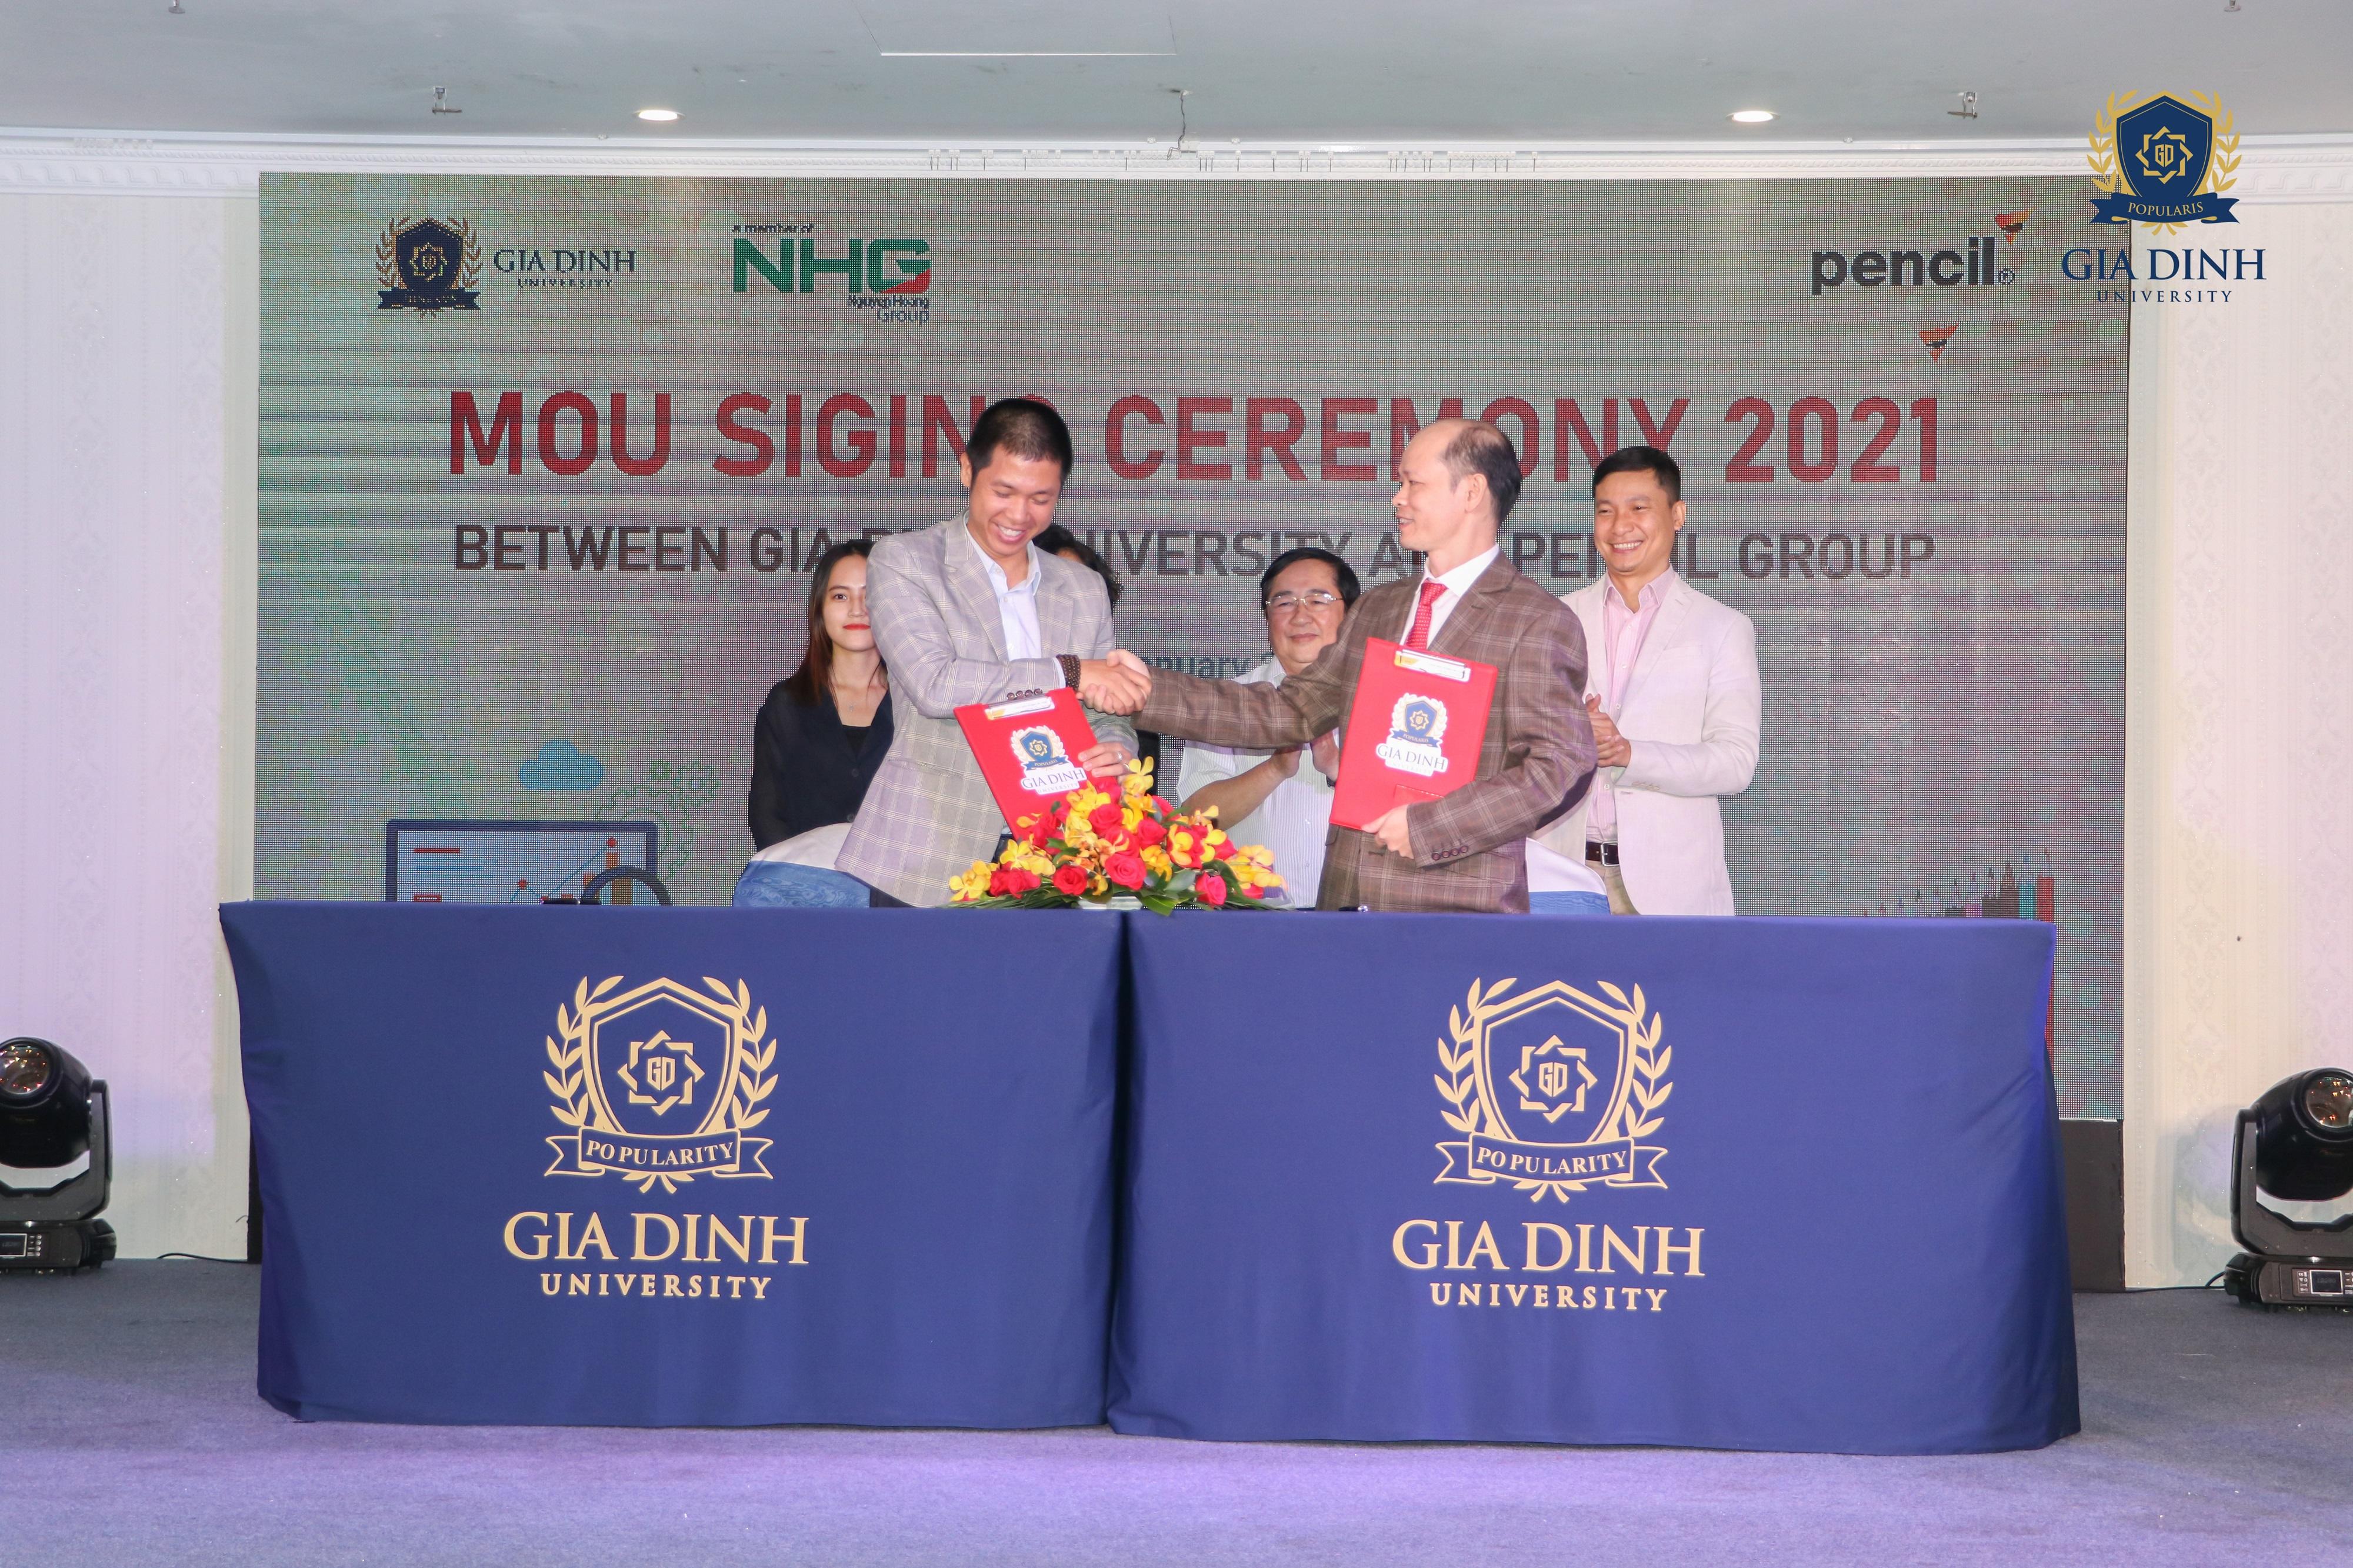 IMG 6319 Trường Đại học Gia Định (GDU) ký kết hợp tác đào tạo với công ty Pencil Group